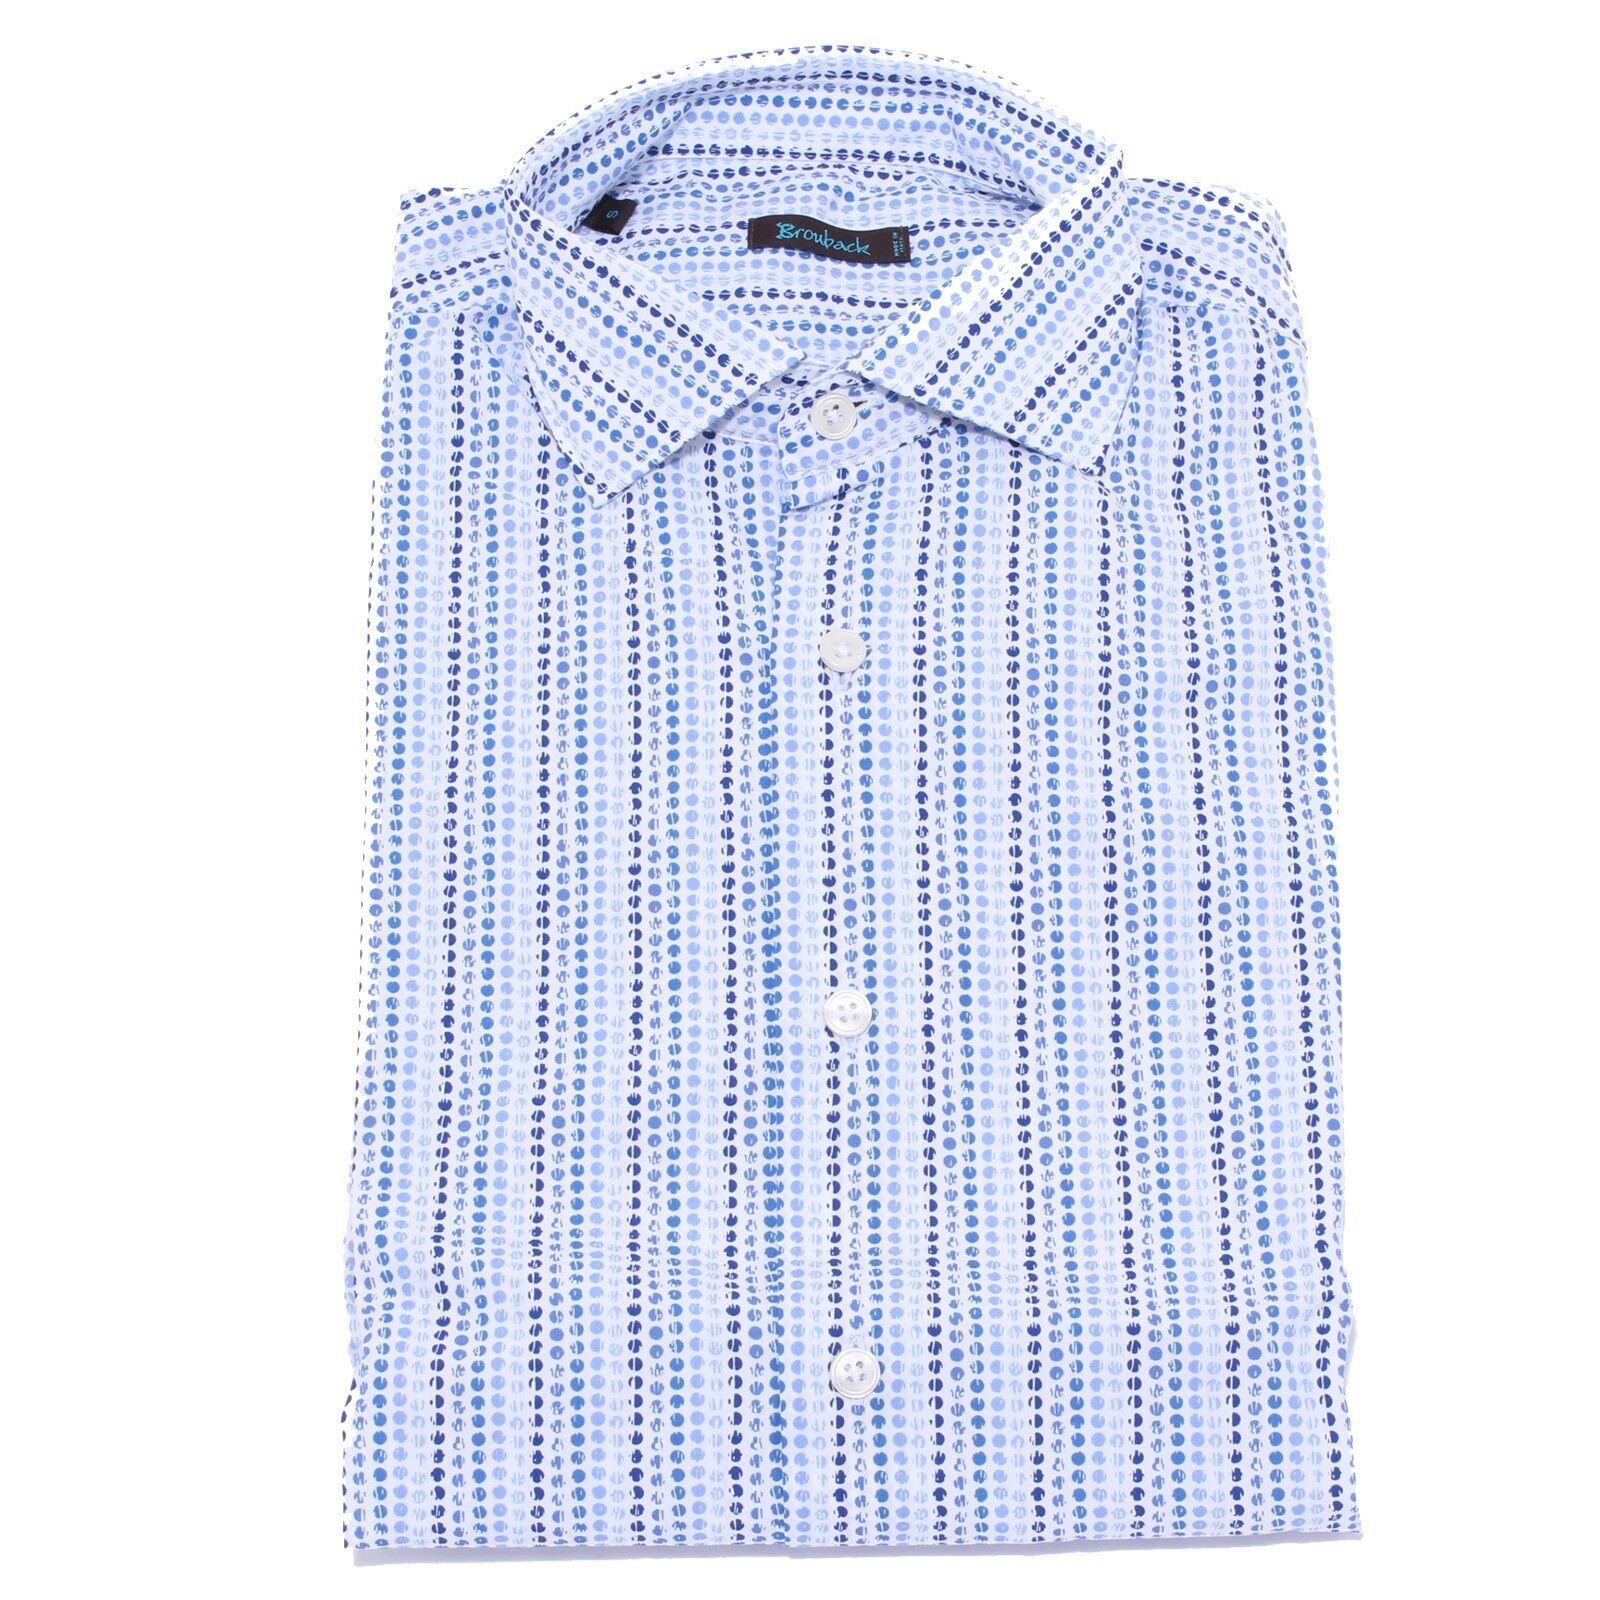 4835Y camicia uomo BROUBACK bianca blu cotton shirt shirt shirt man ac5348